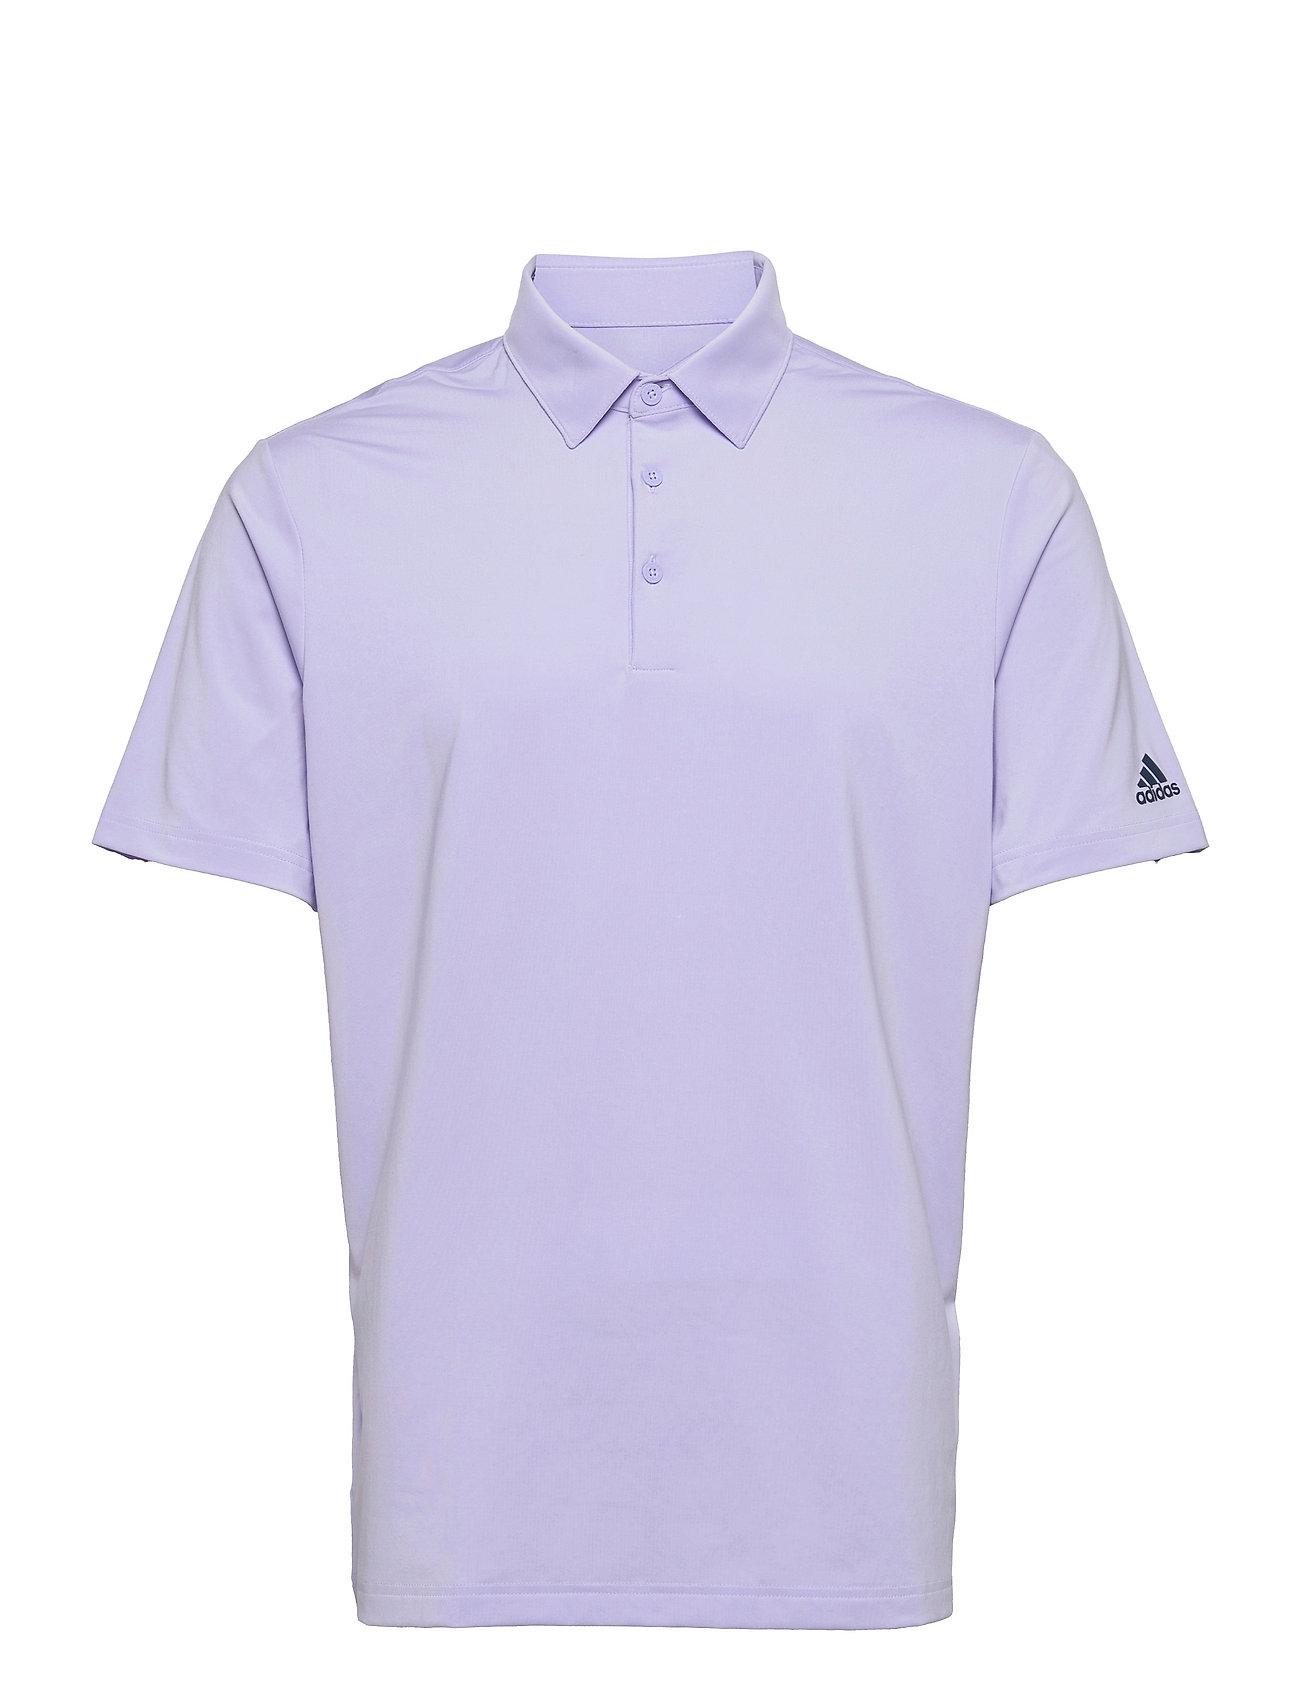 Ult365 Solid Polos Short-sleeved Lilla Adidas Golf